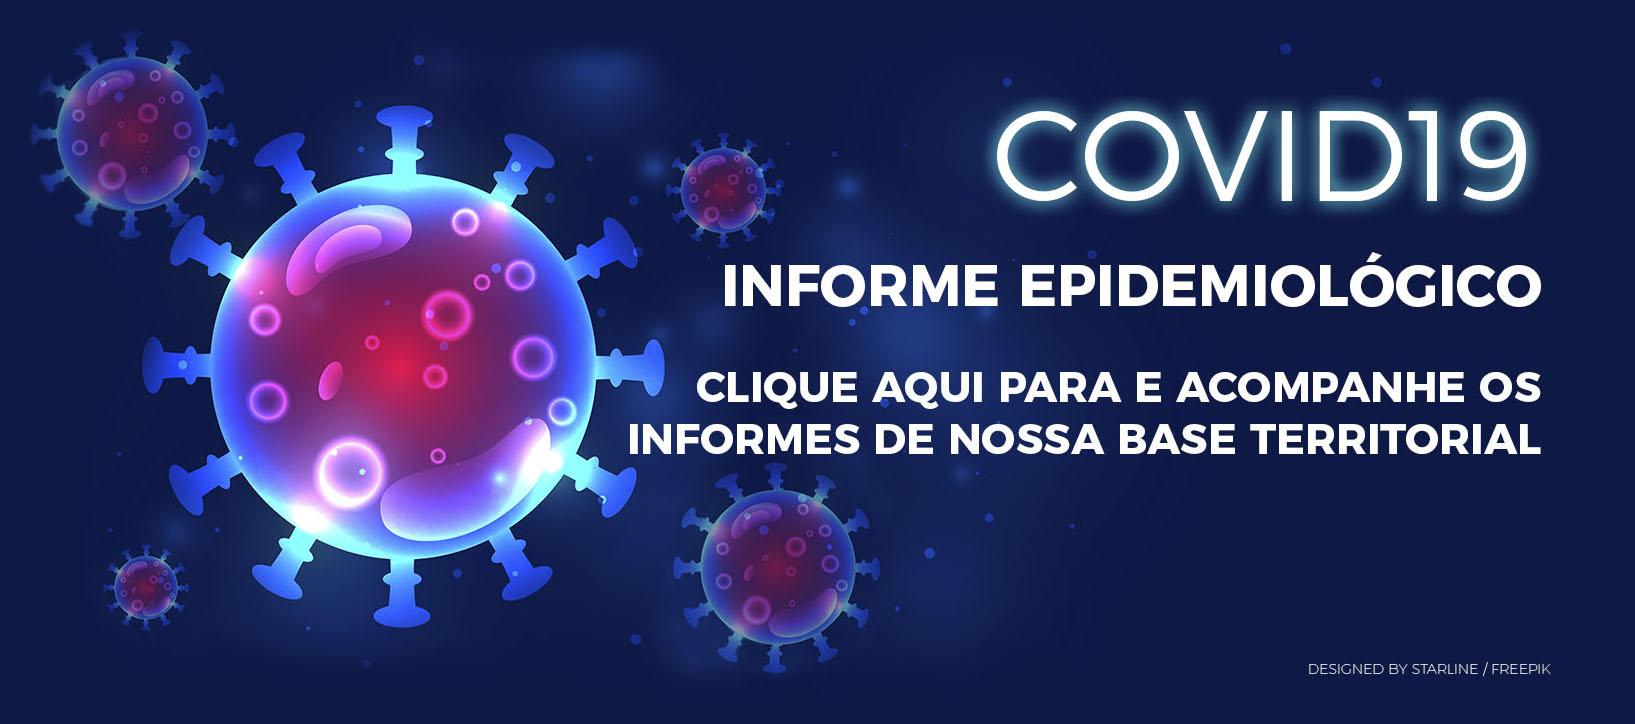 Informe Epidemiológico